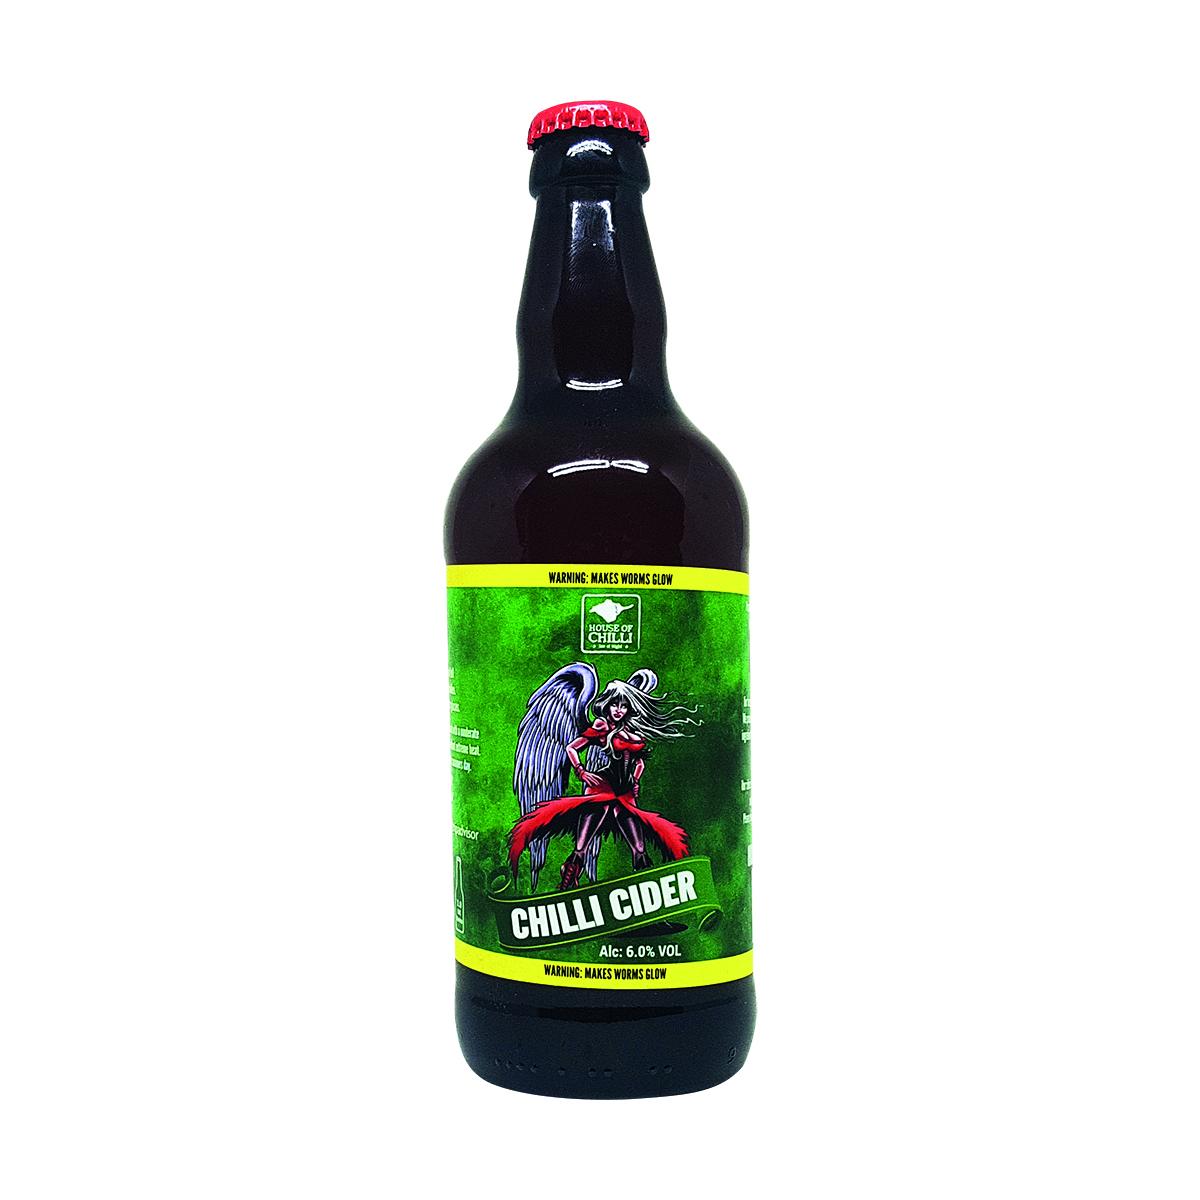 Chilli Cider